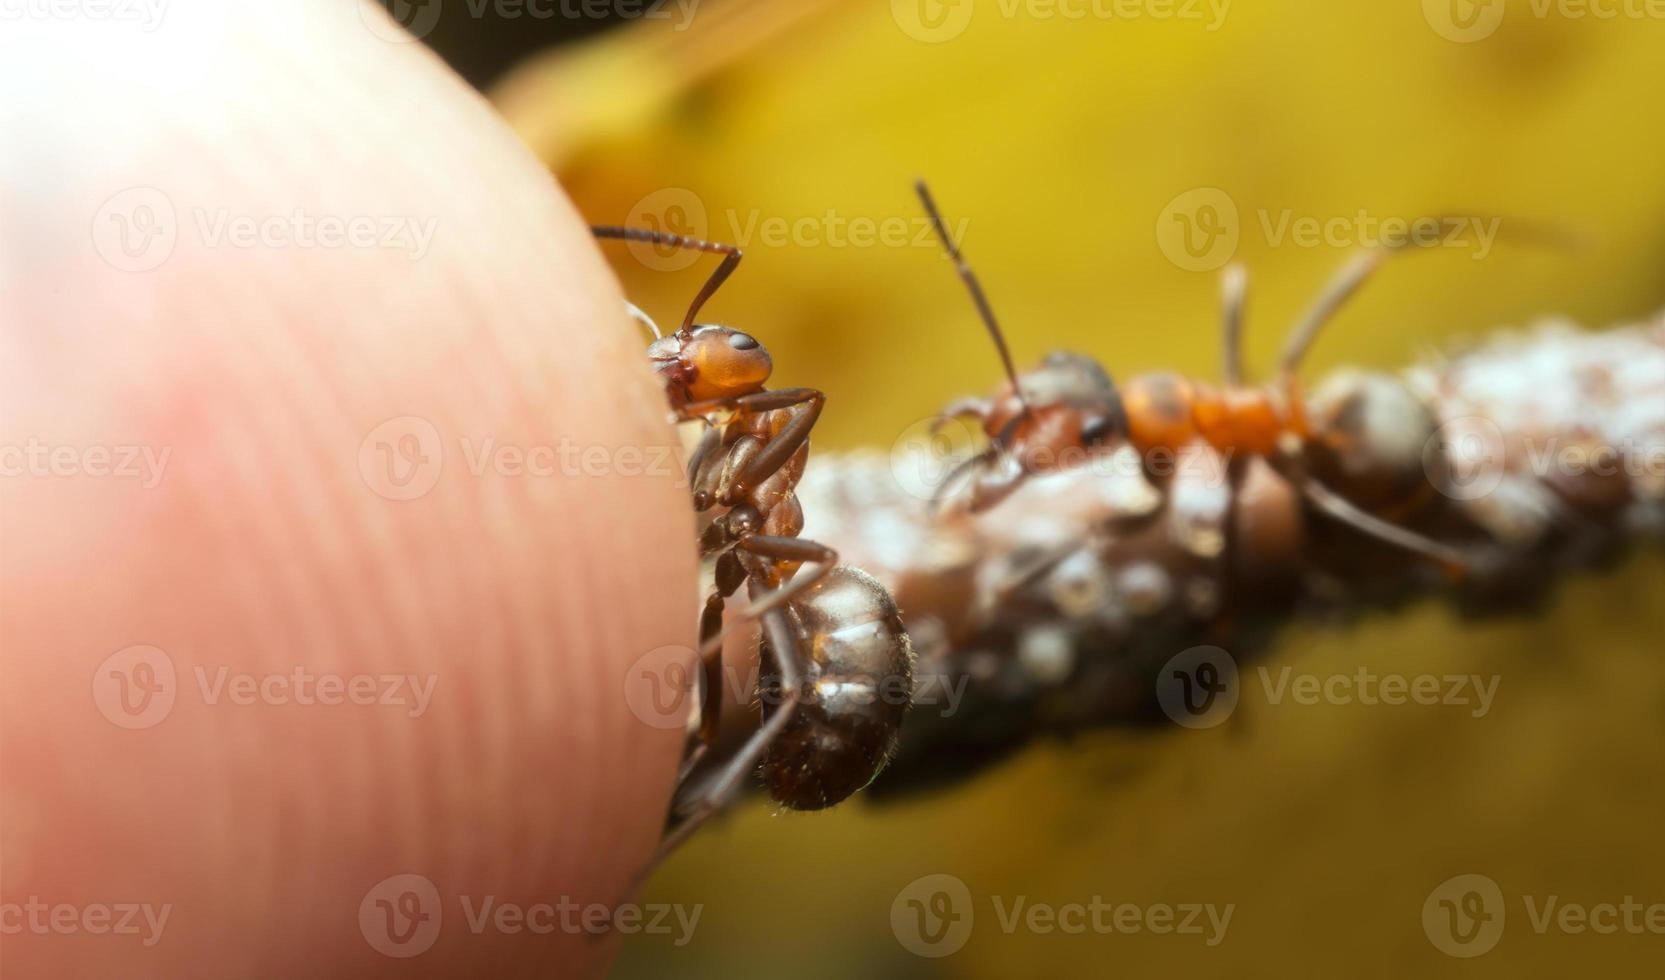 fourmis des bois, formica gardant les pucerons et attaquant le doigt humain photo